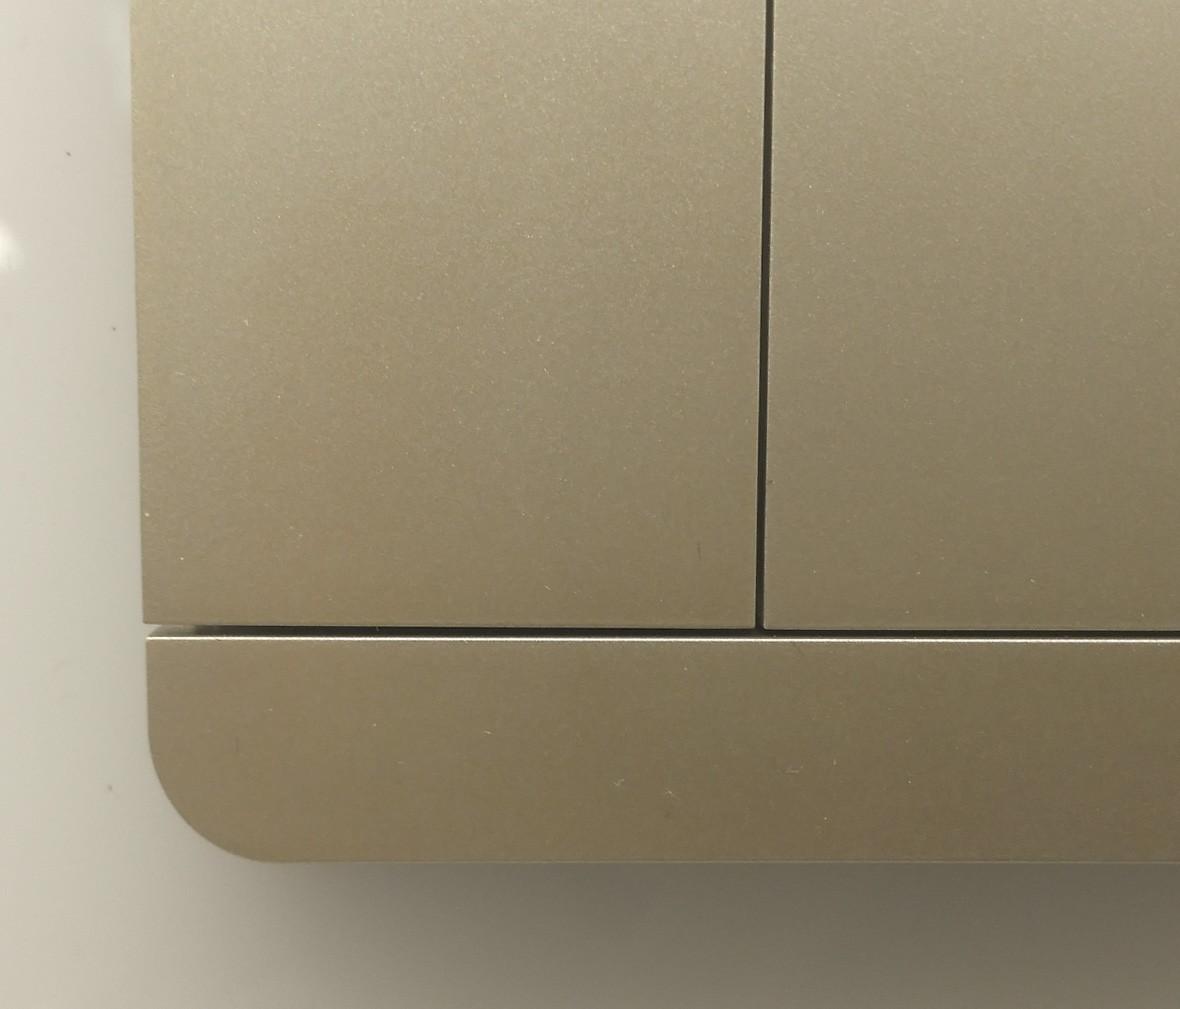 施耐德 蓝韵系列 三开开关 PC材质 耐高温 防漏电 安全插座 细节